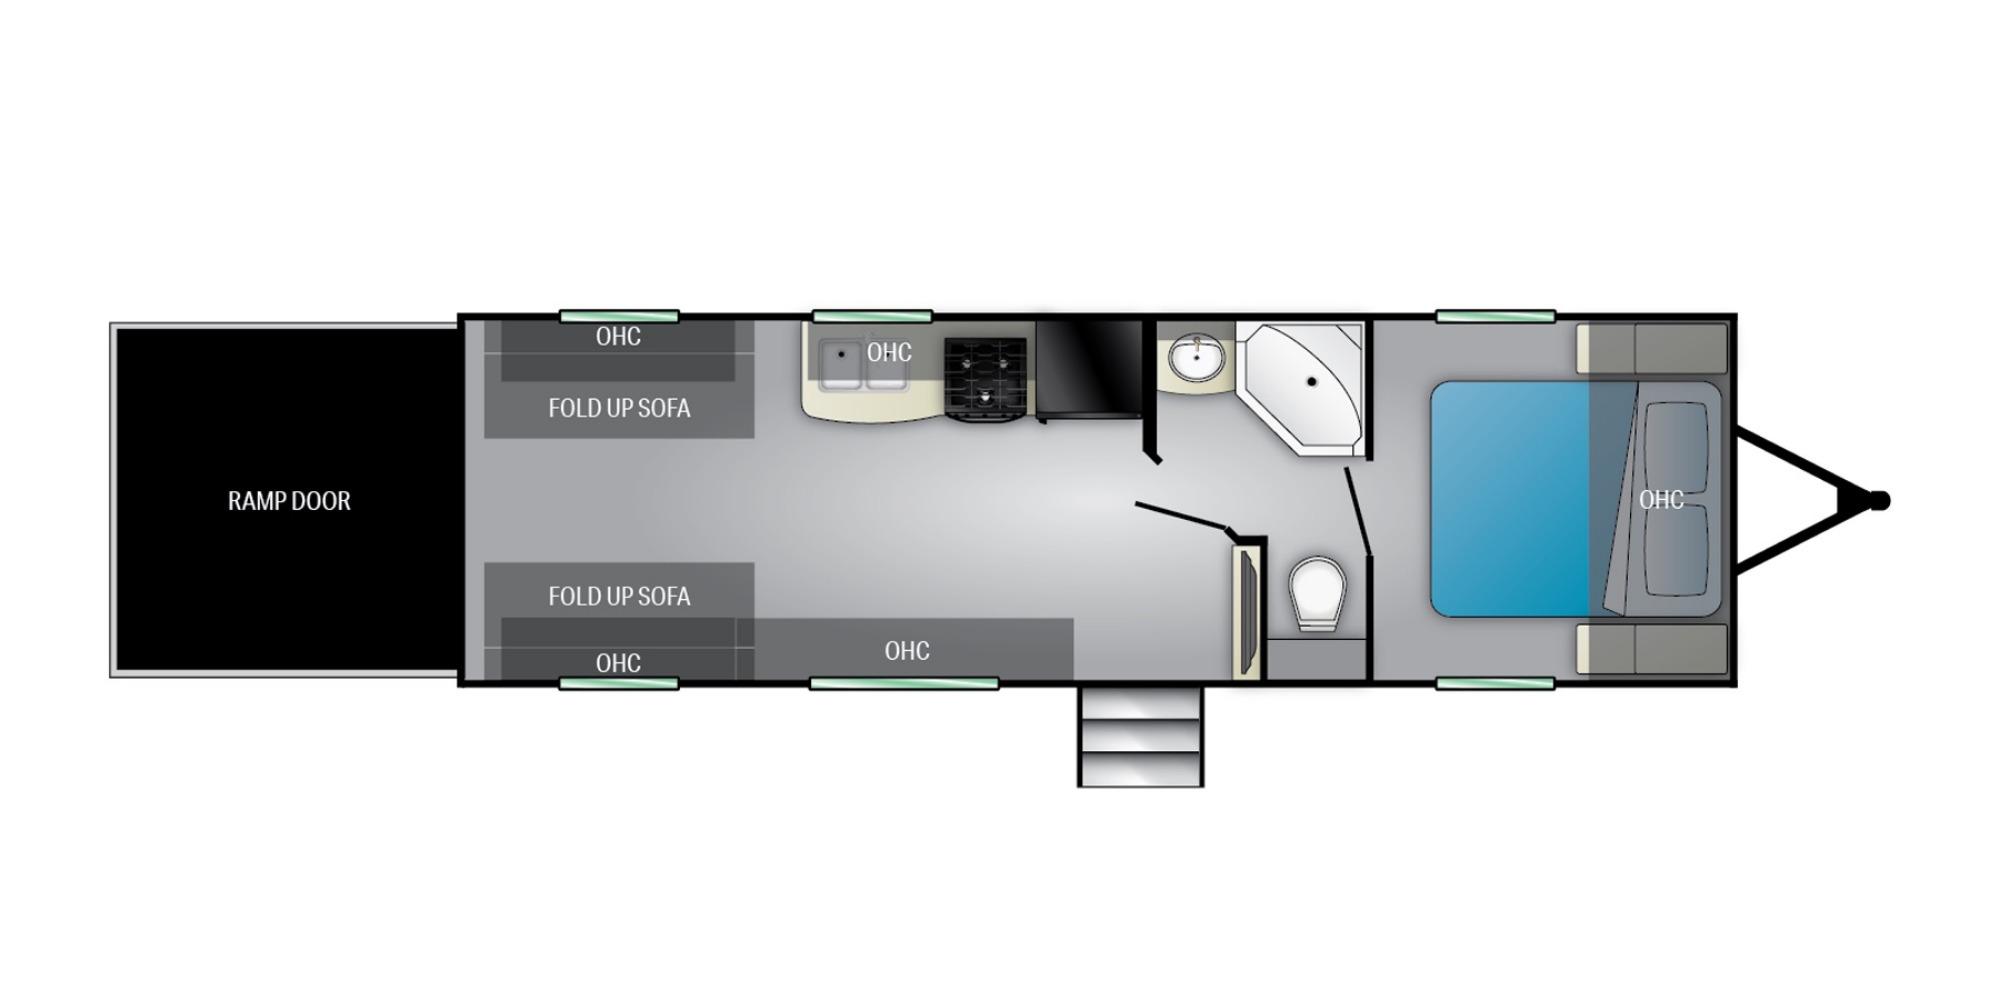 View Floor Plan for 2022 HEARTLAND PIONEER RG26